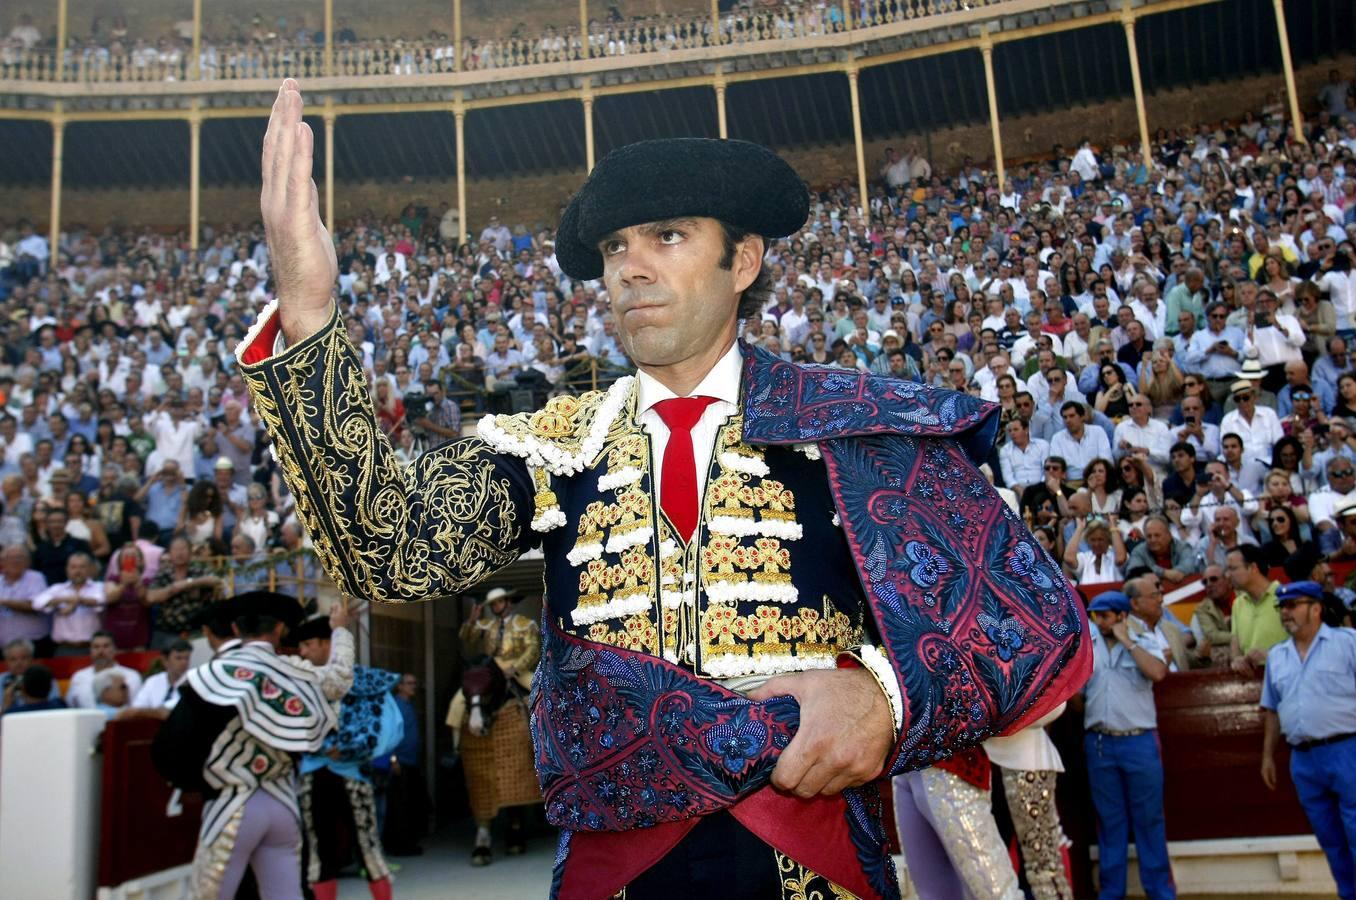 Así toreó José Tomás en su triunfal regreso a Alicante (imágenes)